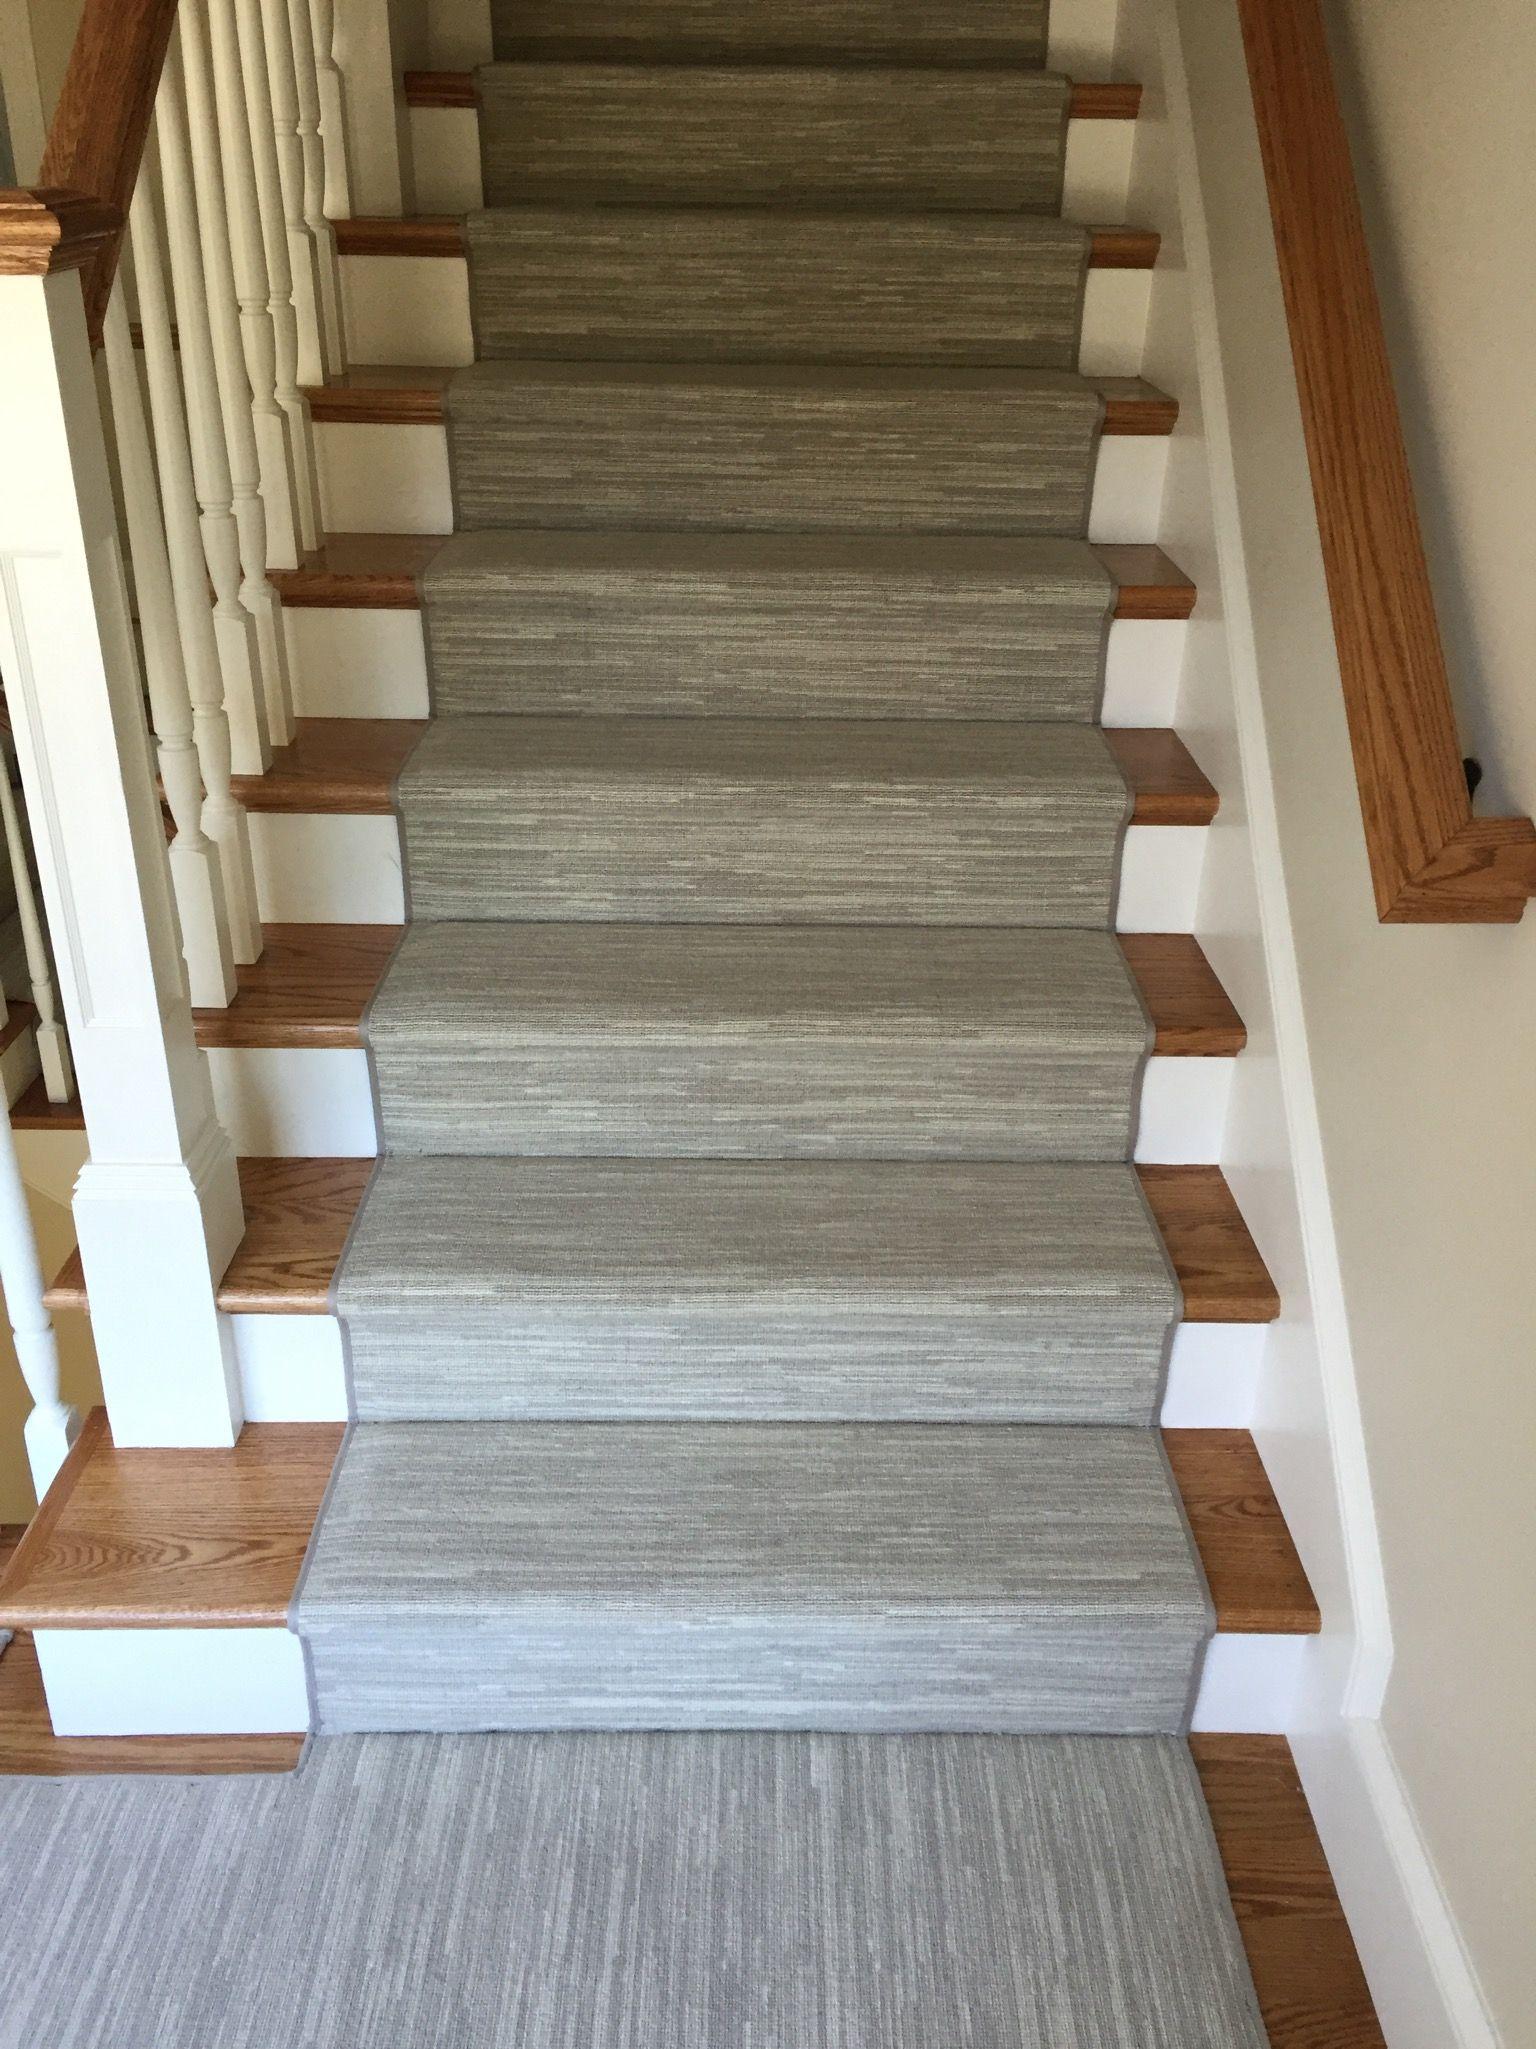 Custom Rug Fabrication Carpet Stairs Stair Runner Carpet Stair Runner